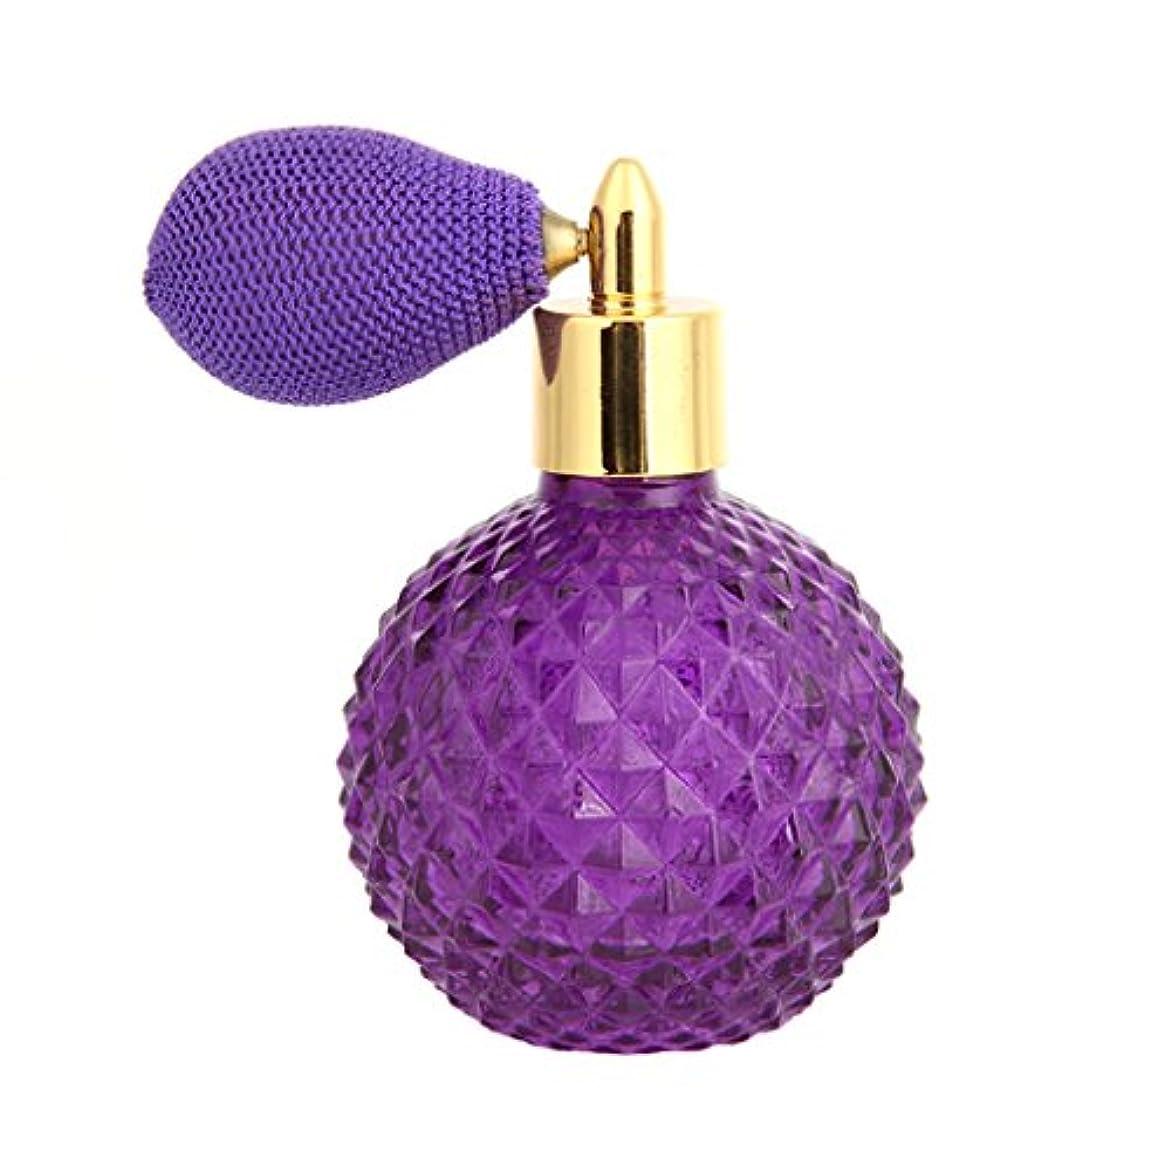 航海製作カプセルDabixx 女性ヴィンテージ香水瓶ショートスプレーアトマイザー詰め替え空のグラス100ミリリットル - 紫の